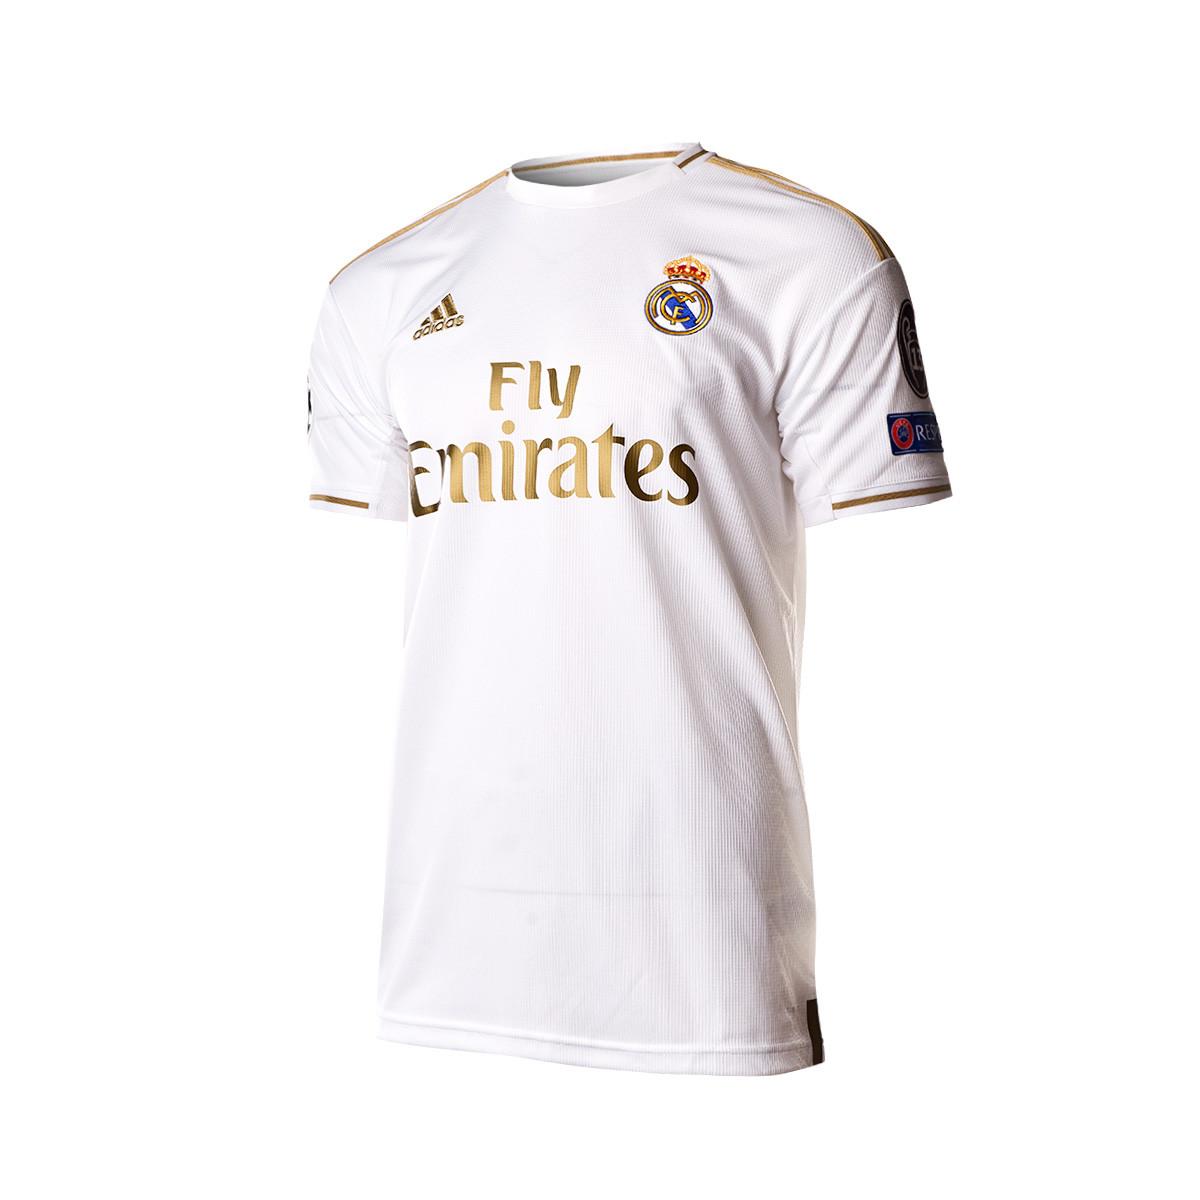 Camiseta adidas Real Madrid EU Primera Equipación 2019 2020 Niño